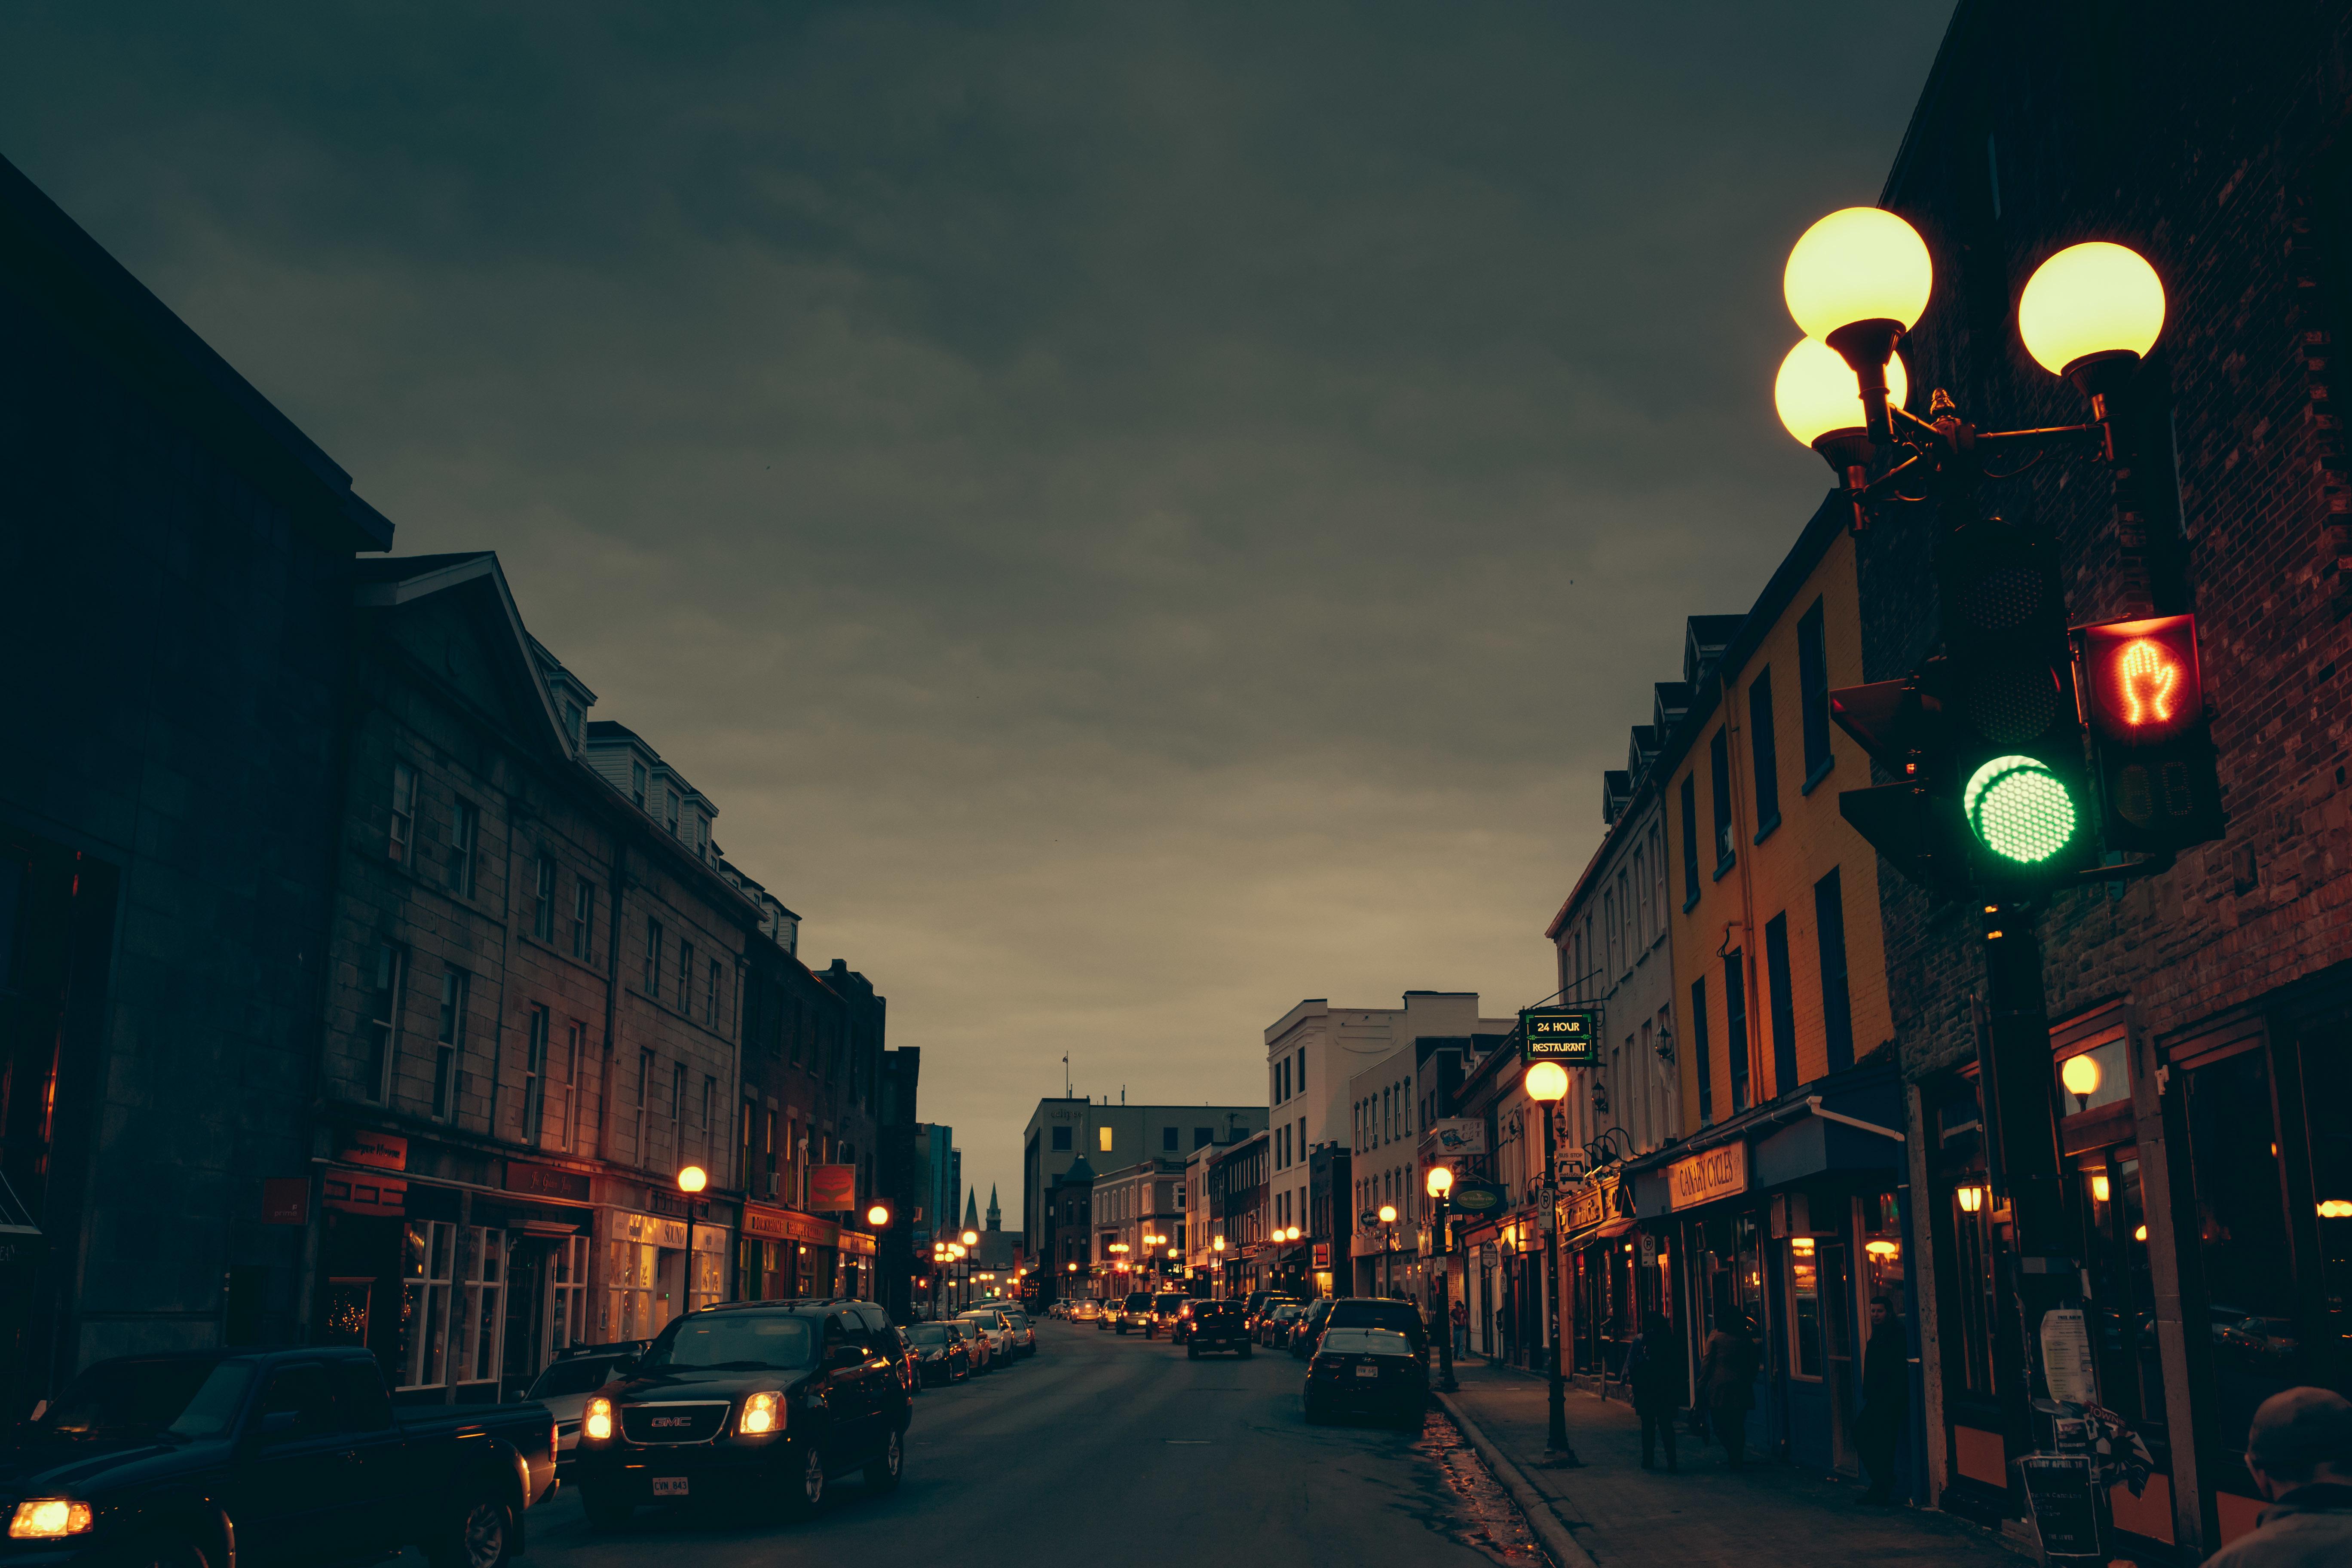 что фотографии ночной улицы форсировать